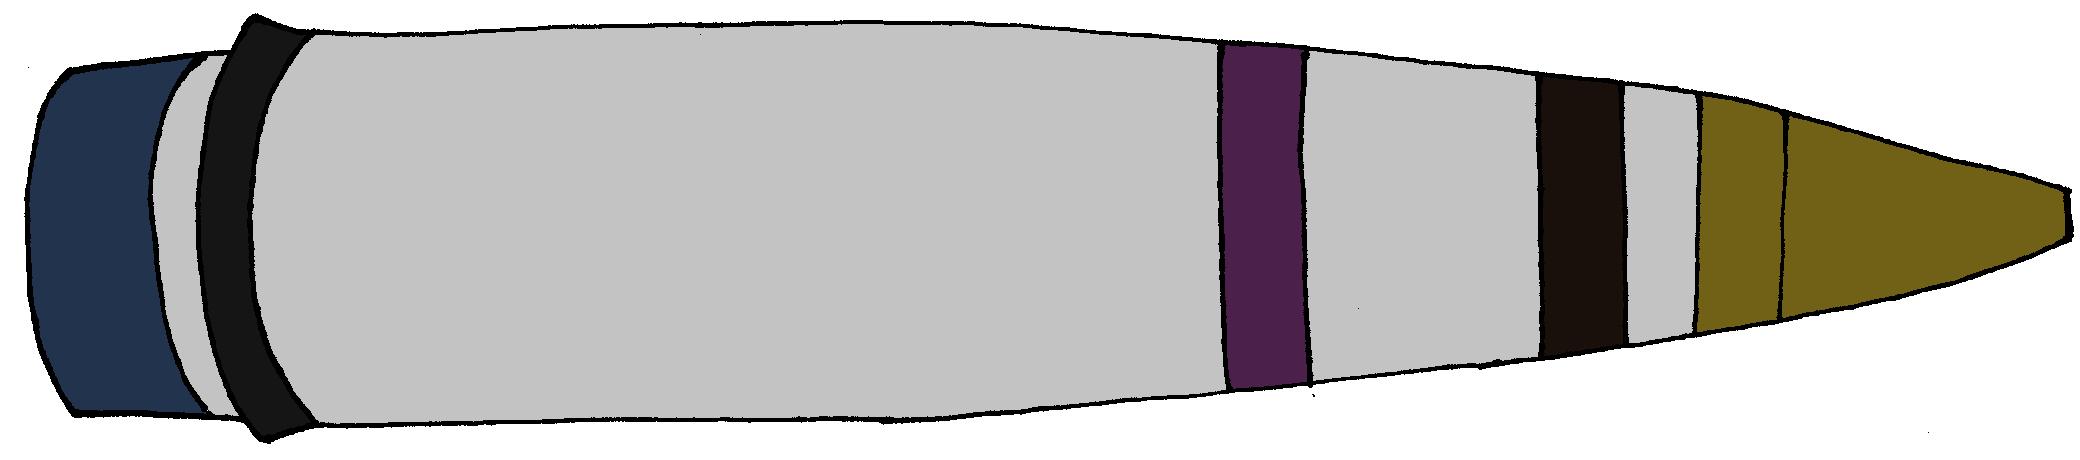 M0102A1 105mm Artillery Round